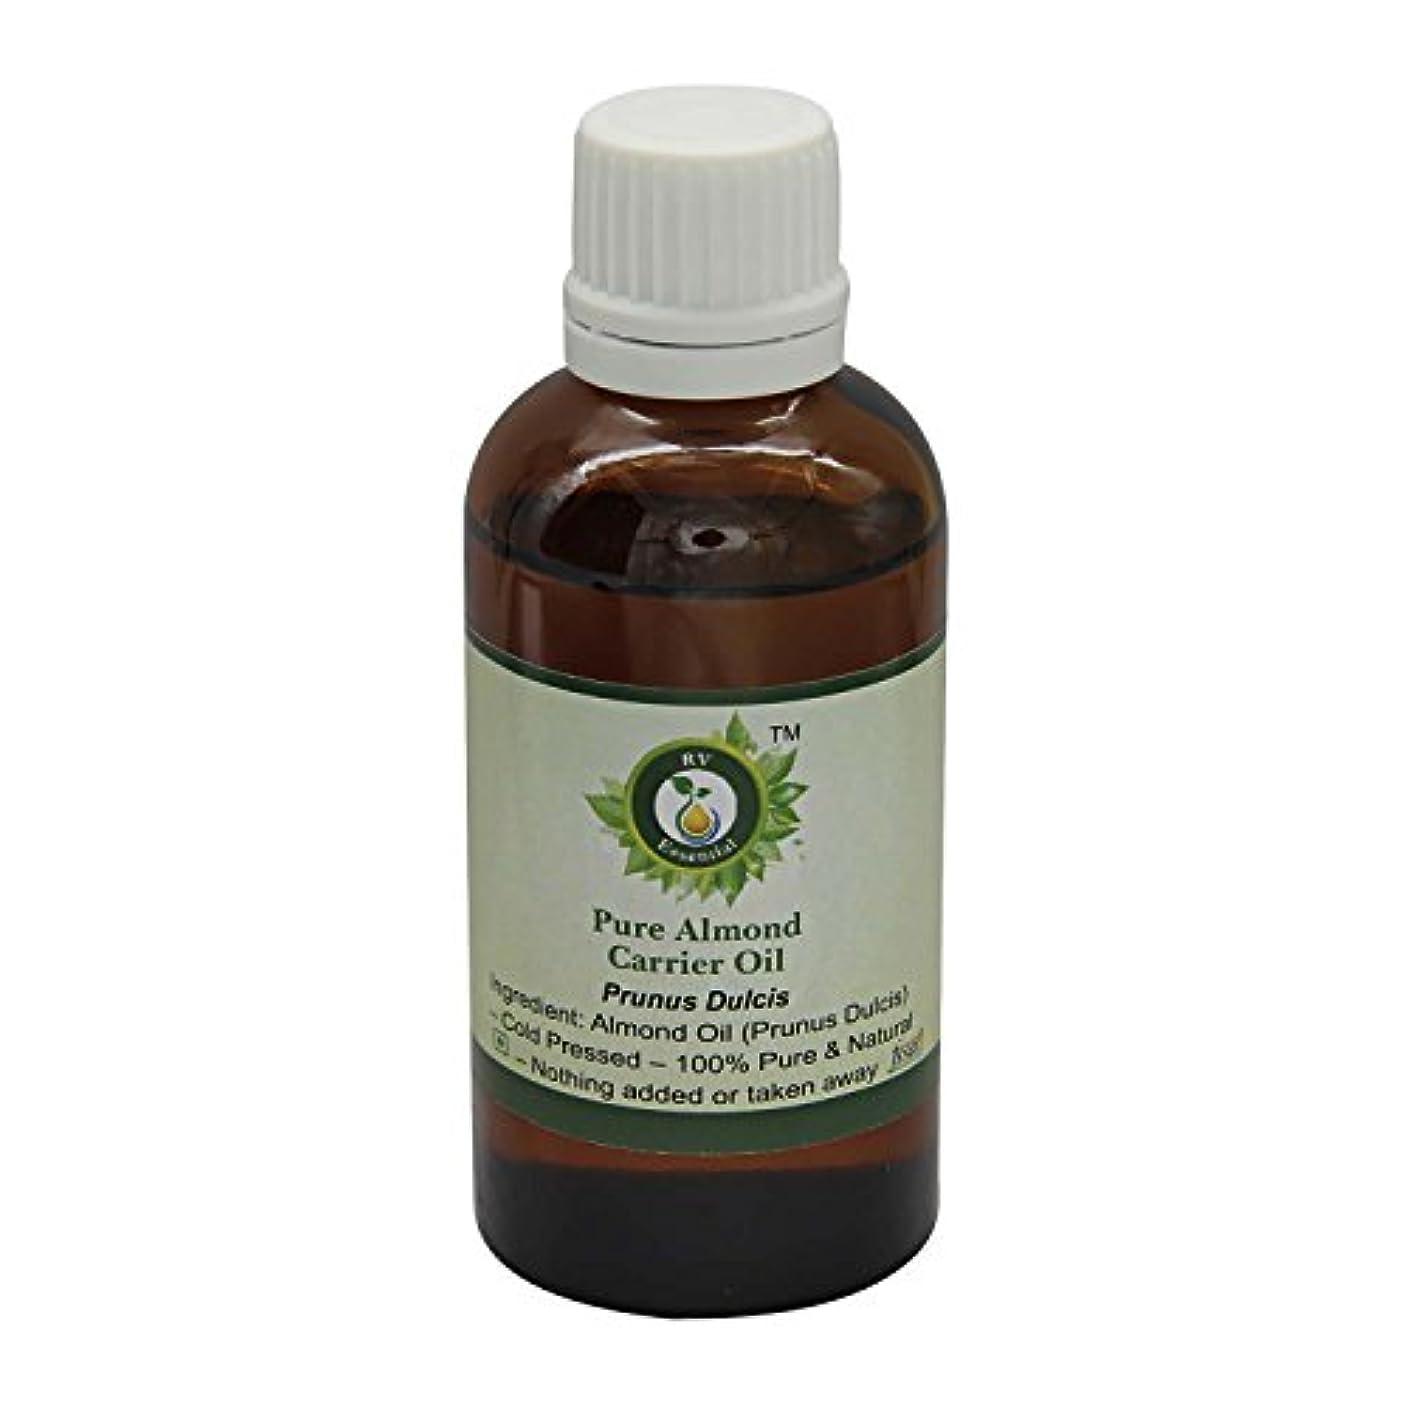 飛び込む少年感嘆R V Essential 純粋なアーモンドキャリアオイル50ml (1.69oz)- Prunus Dulcis (100%ピュア&ナチュラルコールドPressed) Pure Almond Carrier Oil